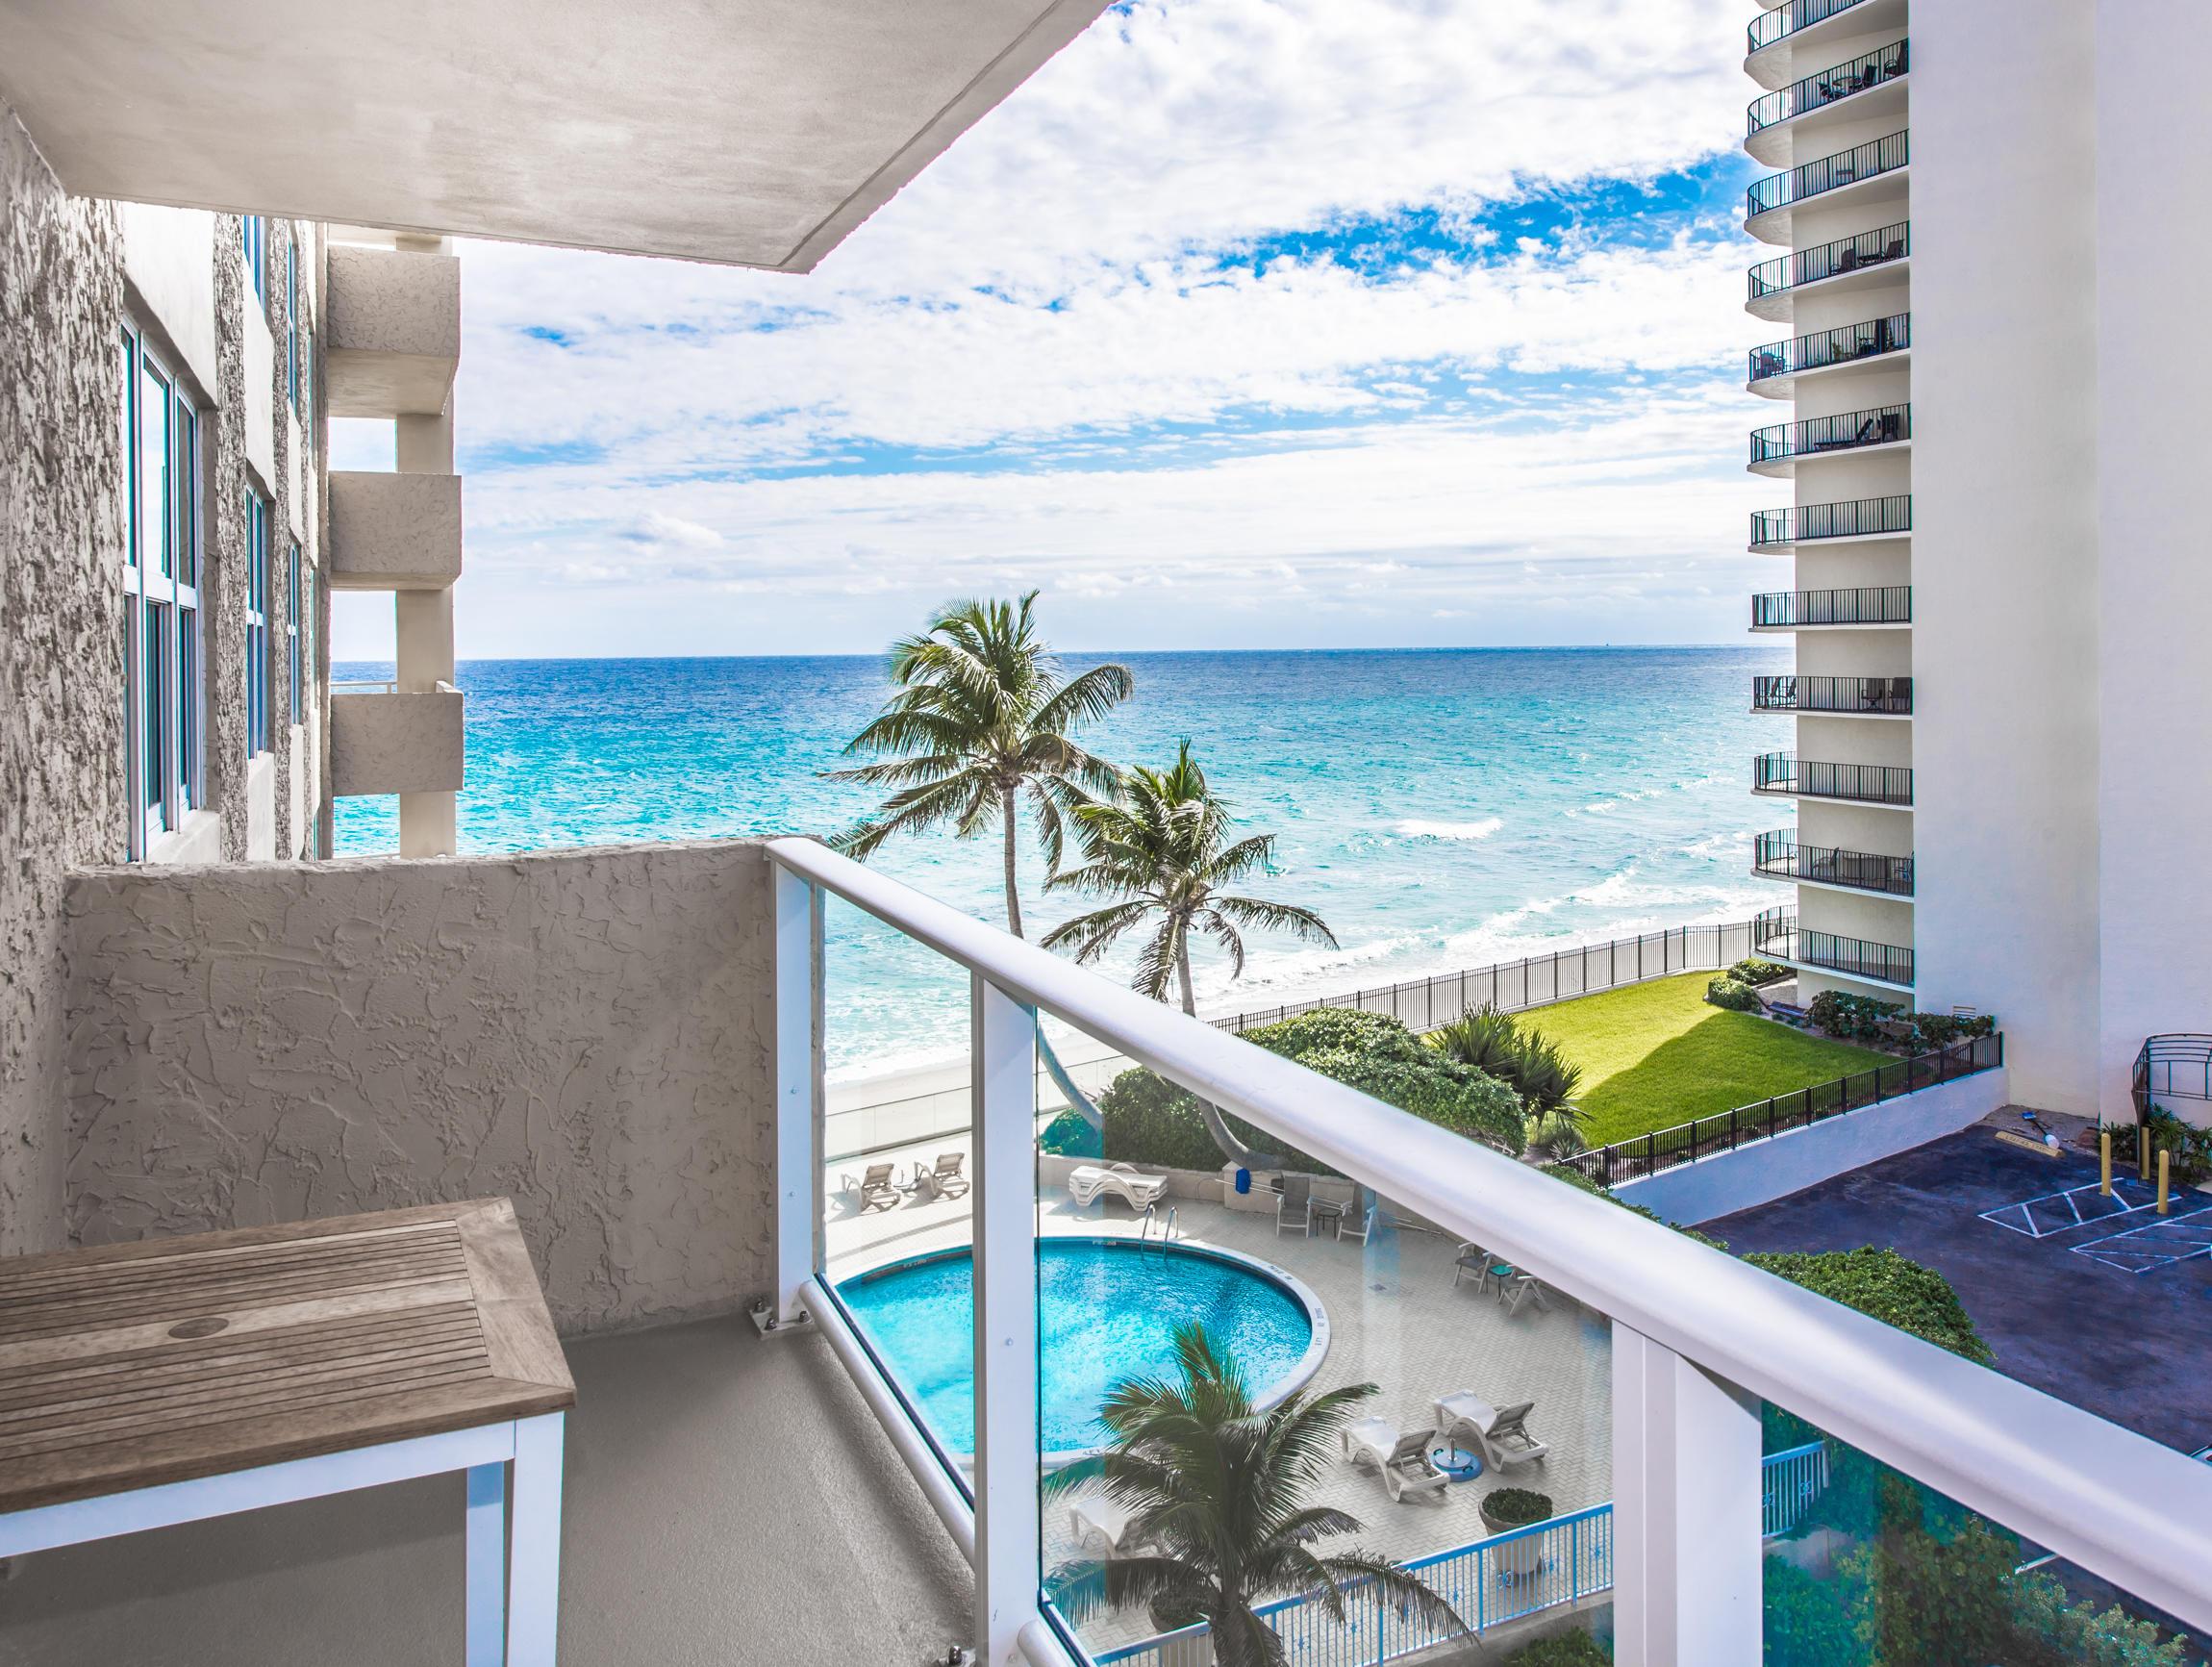 5440 N Ocean Drive 505 For Sale 10699712, FL